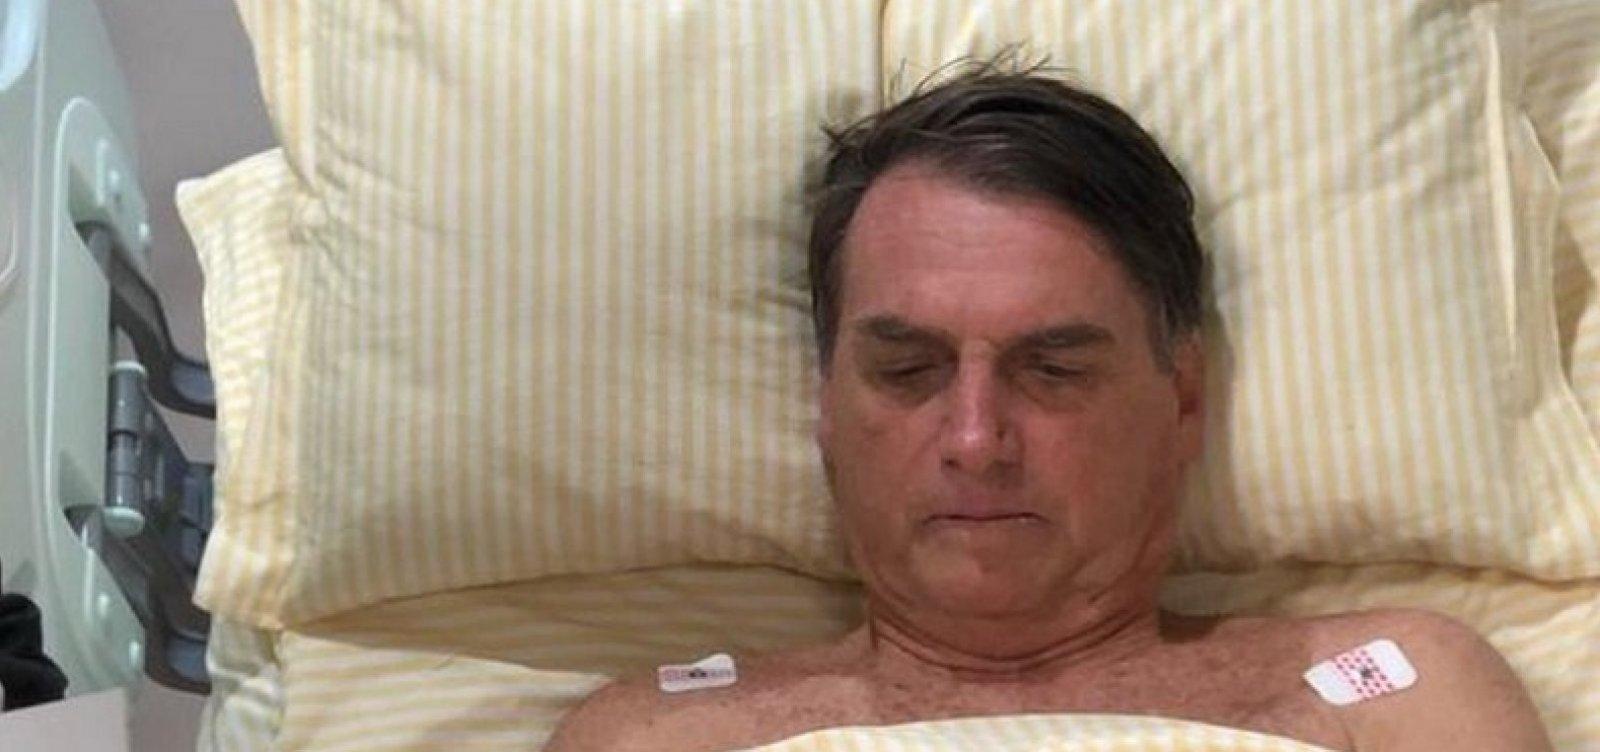 [Bolsonaro tem quadro pulmonar 'em resolução' e não sente dor, diz boletim]